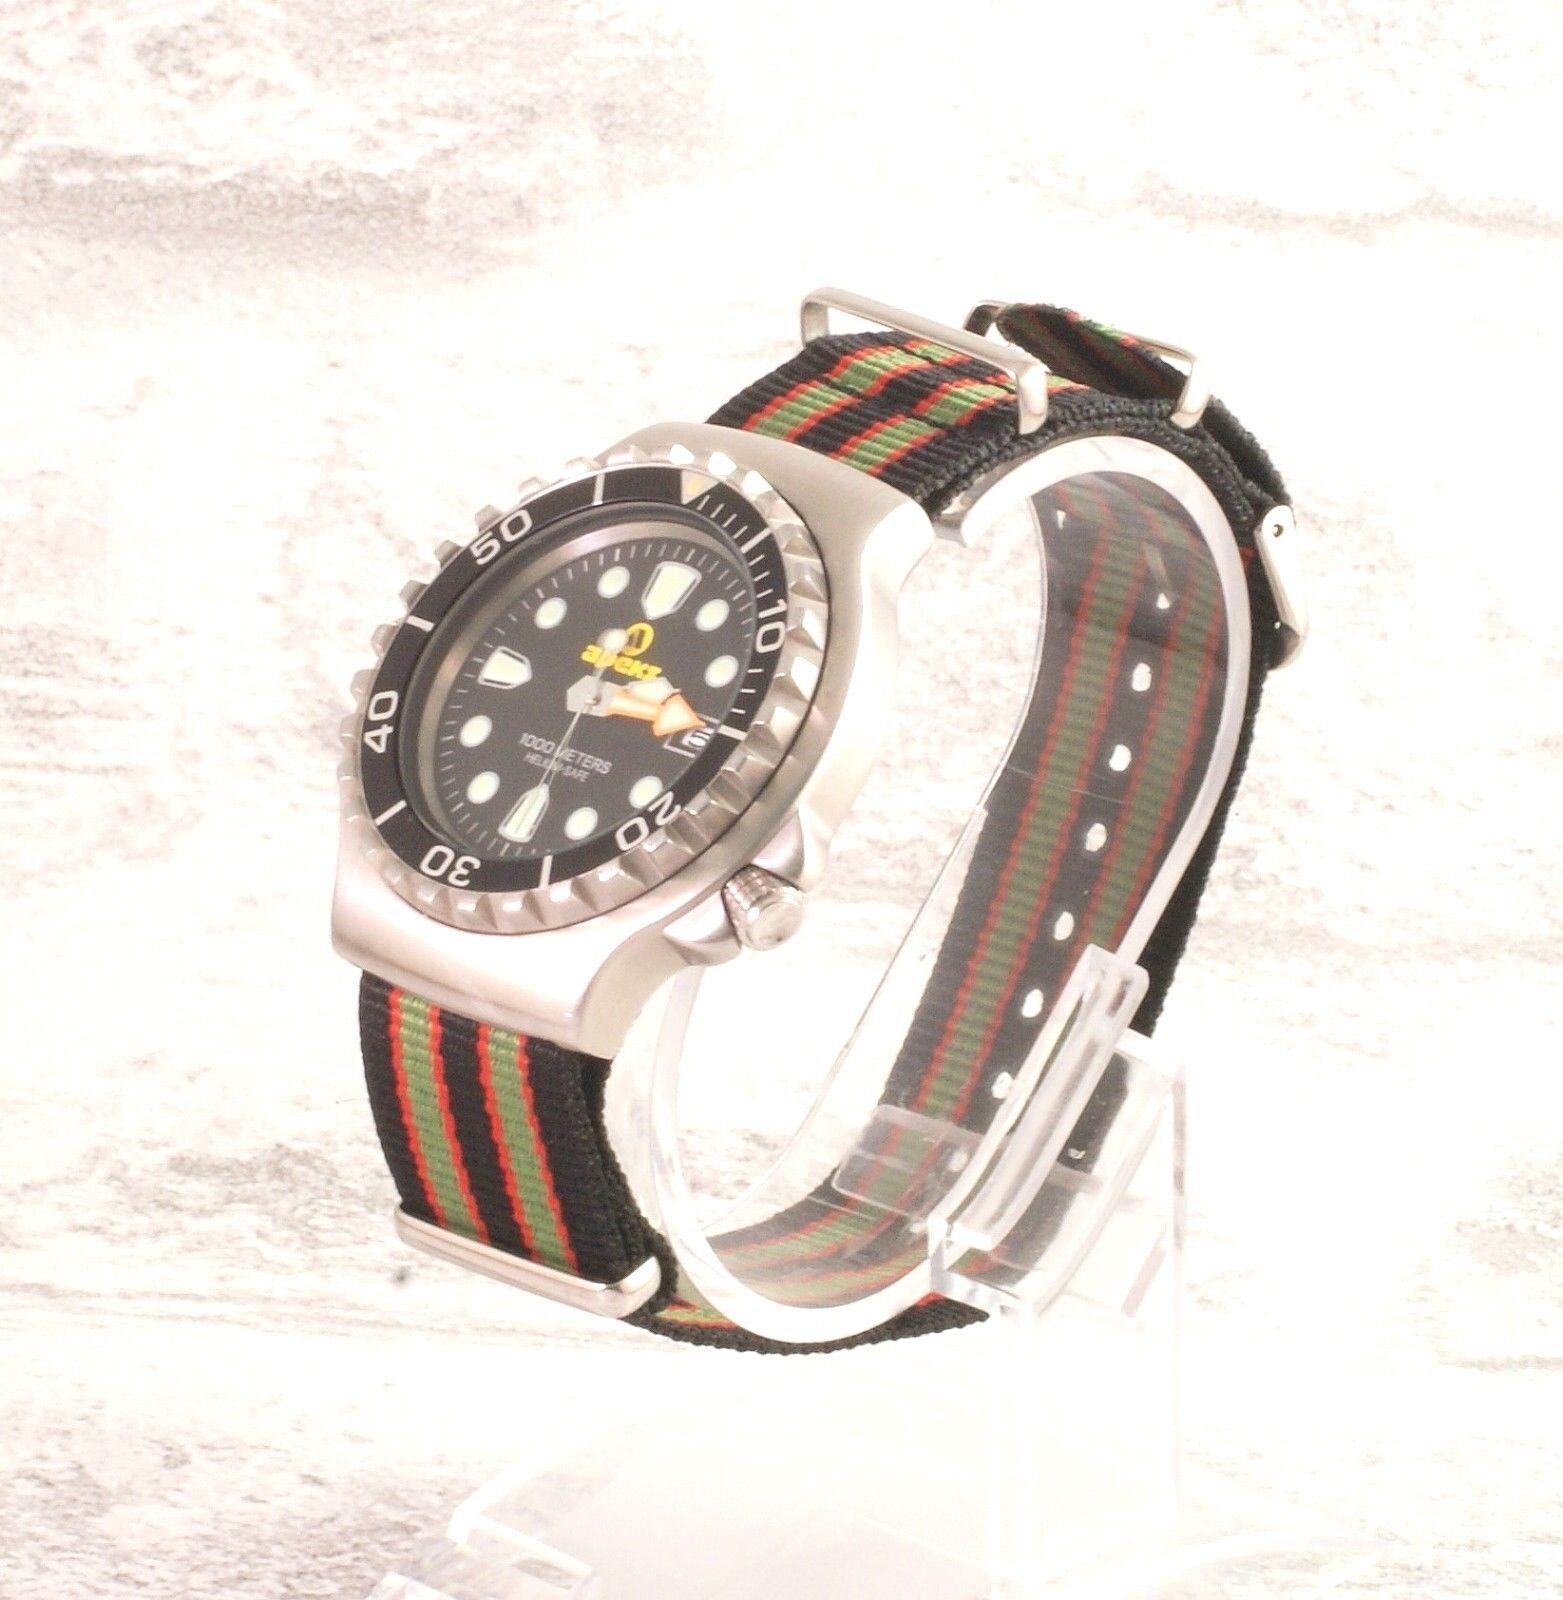 best sneakers 608fa 15aee 本当のジェームズ・ボンド007ミリタリー・ナイロンNATO腕時計は、18 20 22 24英国を結びつけますのeBay公認海外通販|セカイモン